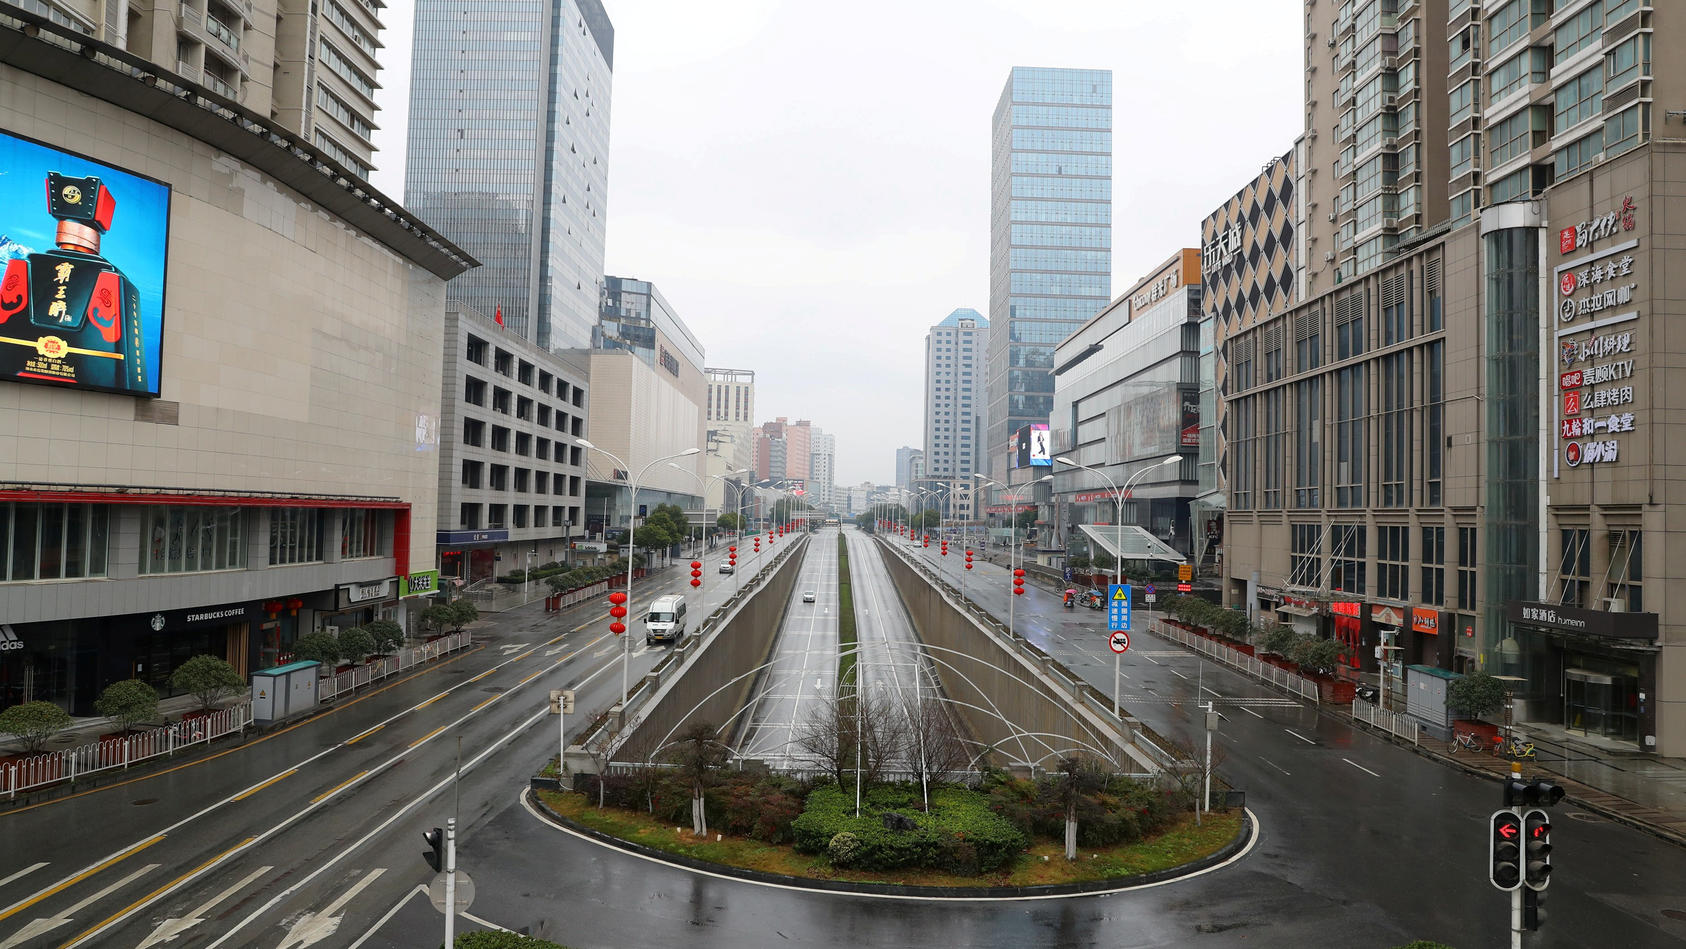 Geisterhaft leer sind die Straßen in Wuhan, viele Wohnungen verwaist. Dort warten nach Schätzungen noch Tausende Tiere auf die Rückkehr ihrer Herrchen und Frauchen.